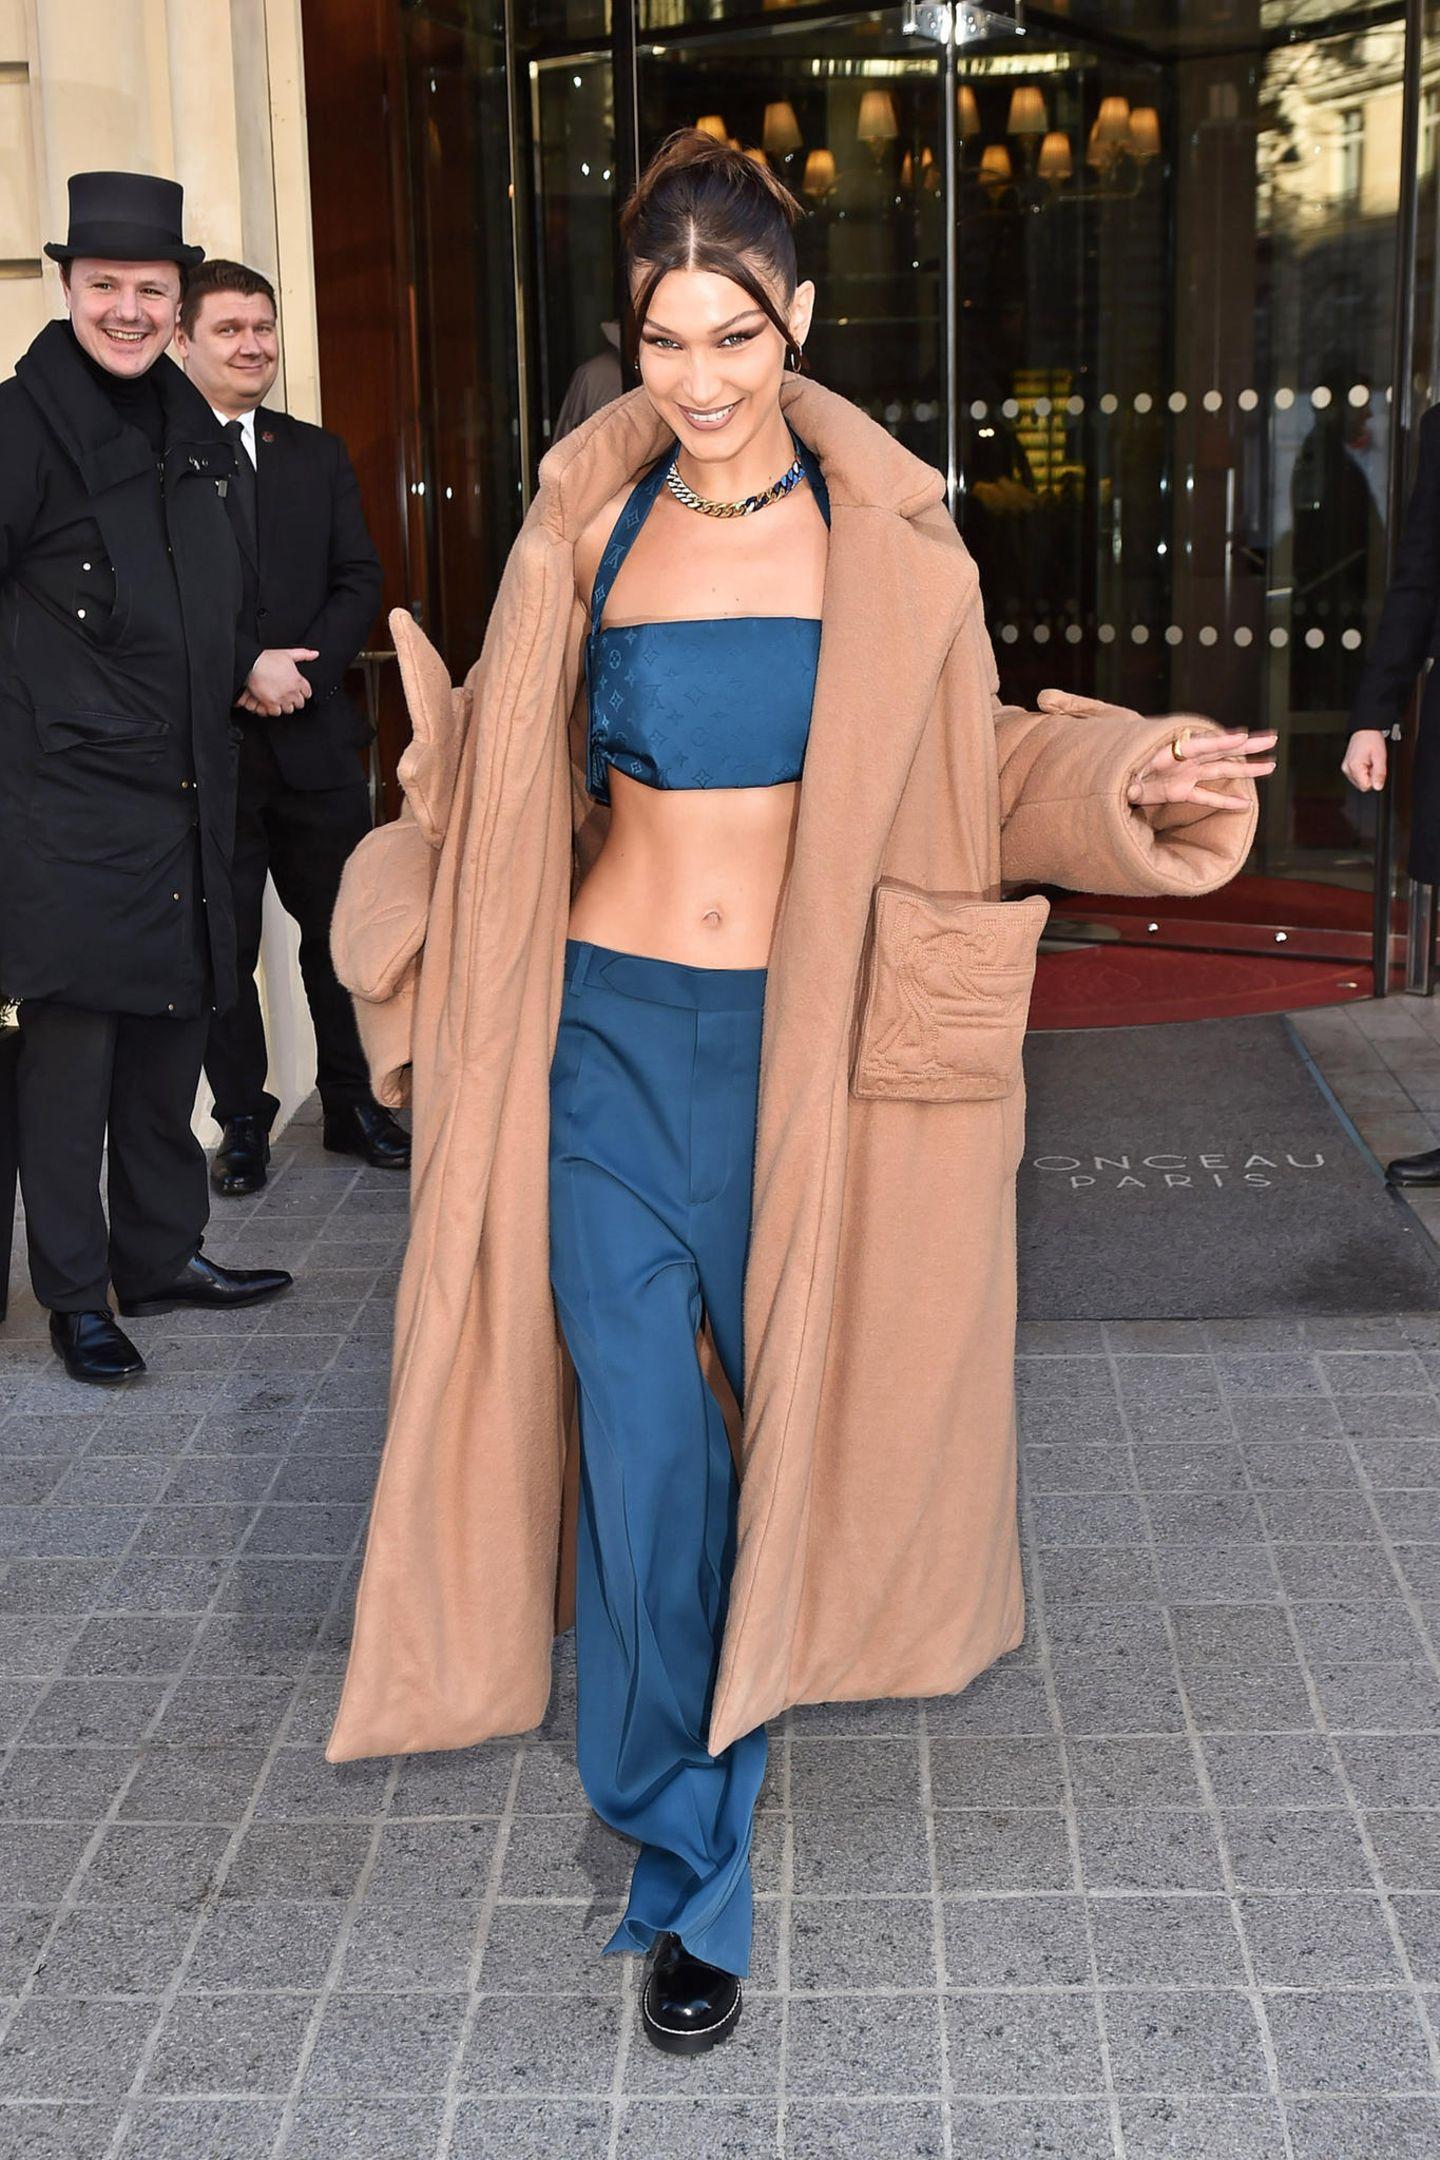 Solche Bauchmuskeln muss man zeigen - selbst im tiefsten Winter. Bella Hadid trägt über ihre Jeans-Kombination bestehend aus Micro-Top und Wide-Leg-Hose einen langen, camelfarbenen Oversize-Mantel.